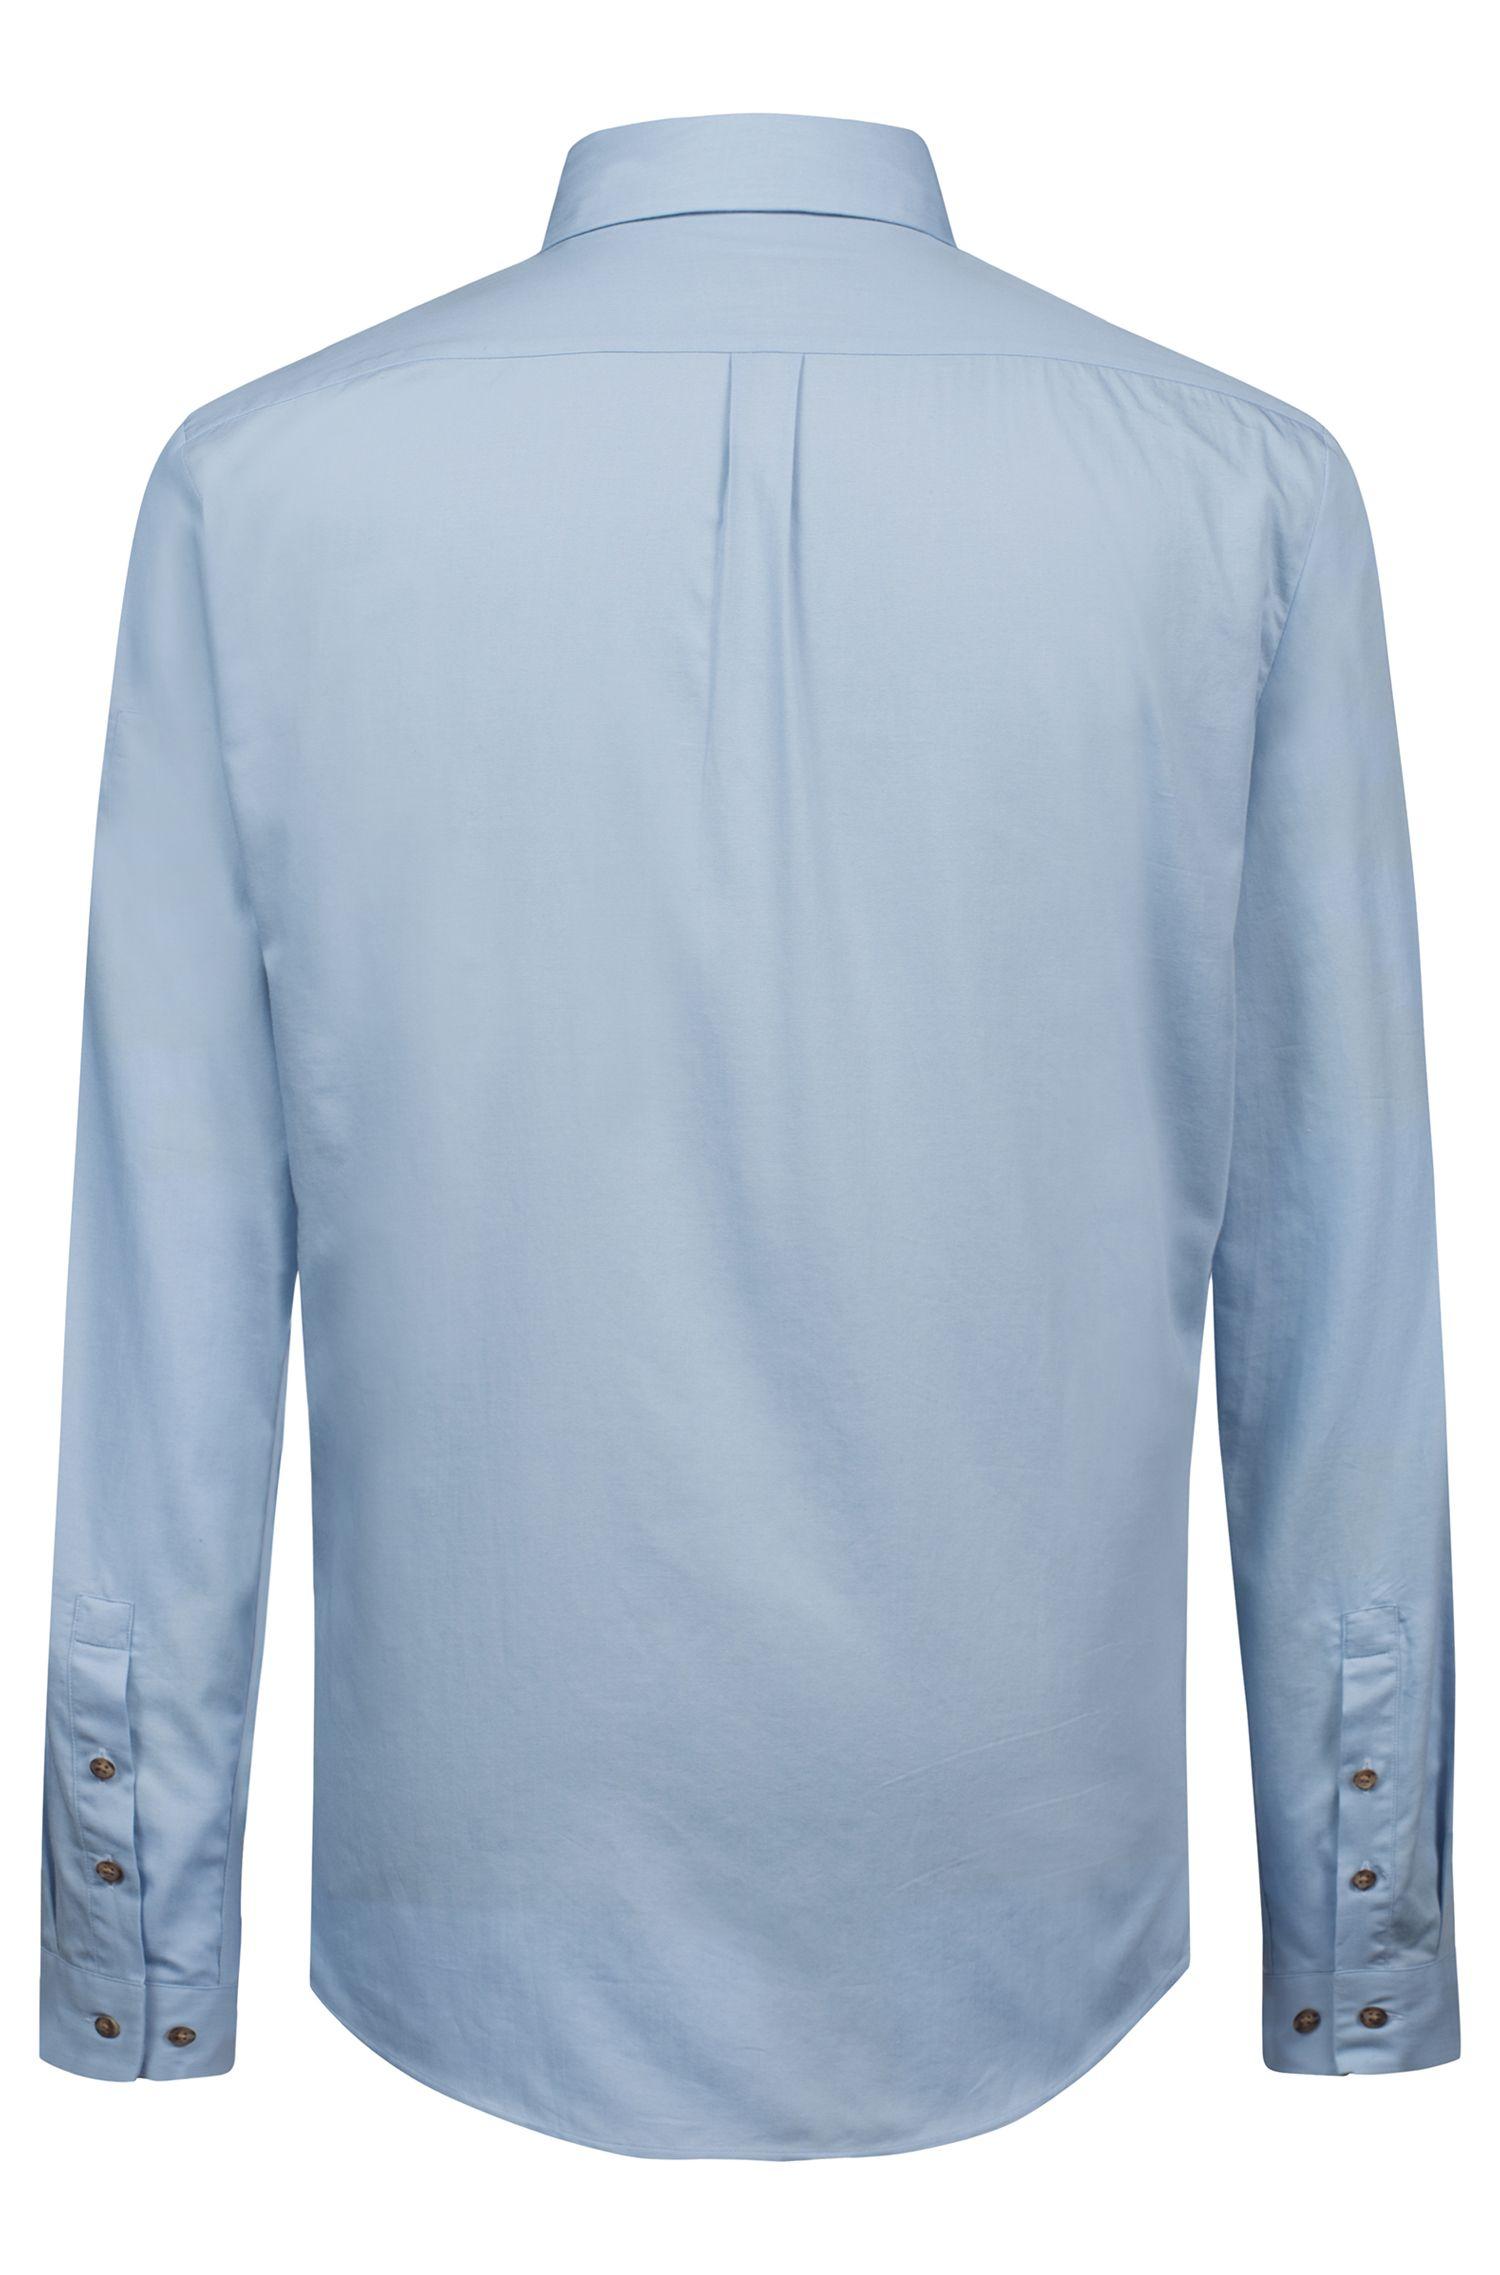 Extra Slim-Fit Hemd aus Baumwolle im Denim-Look, Hellblau